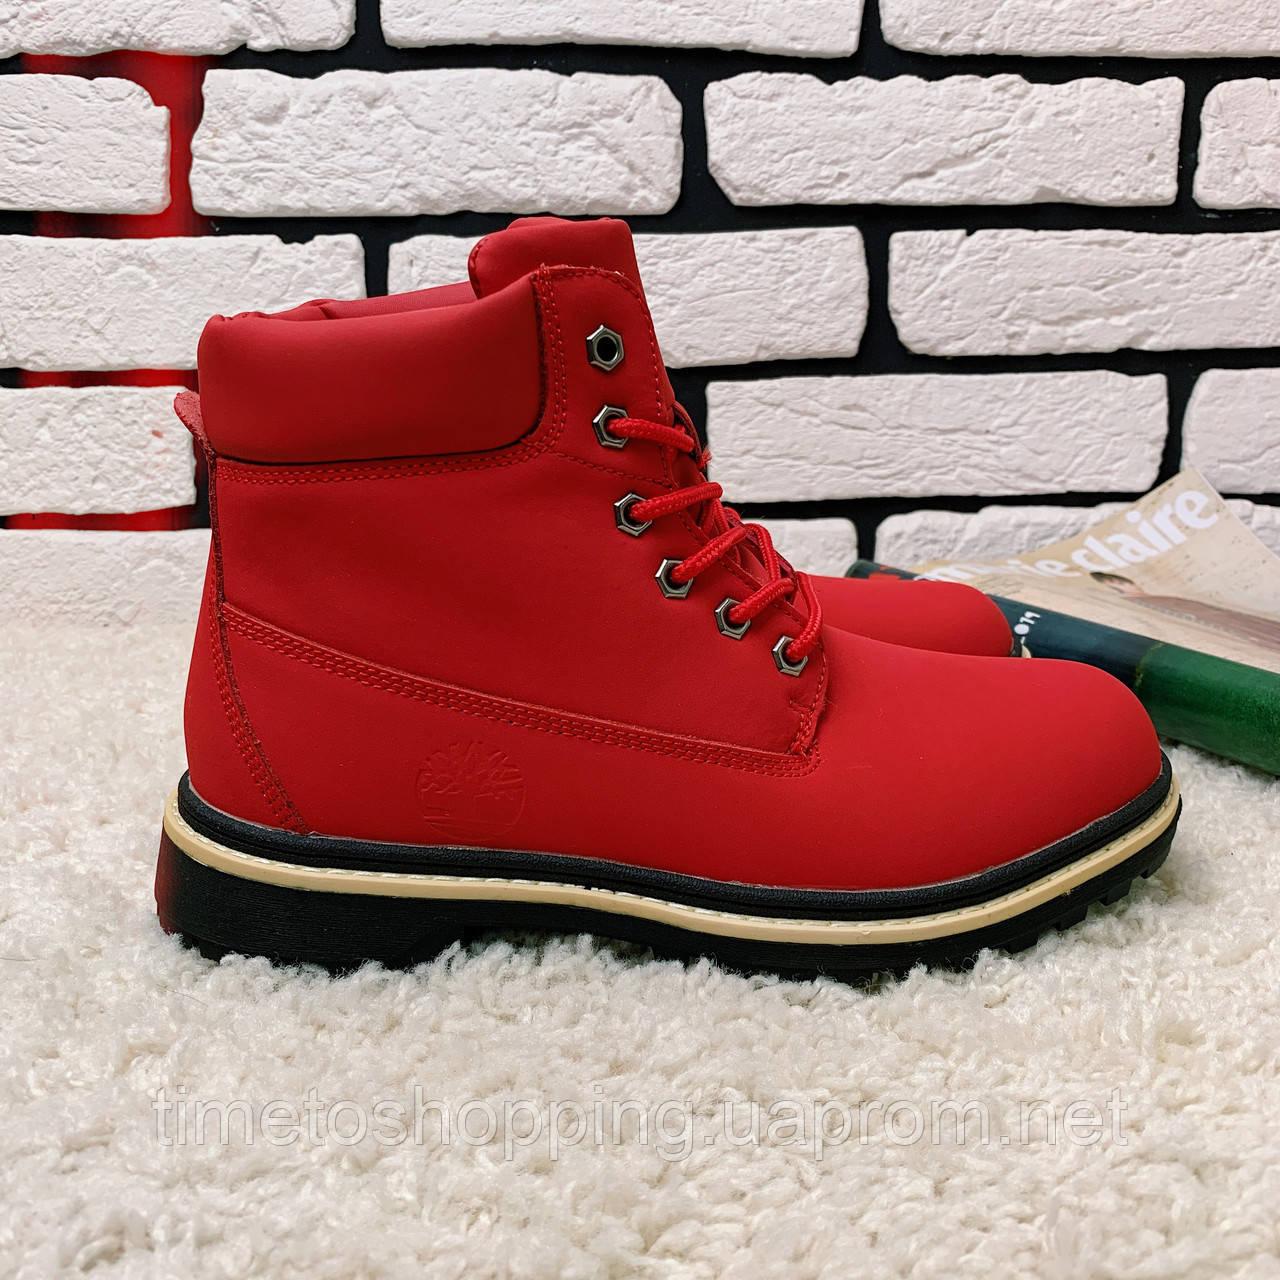 Зимние ботинки (на меху)  женские Timberland  11-061 ⏩ [ 40 последний размер ]